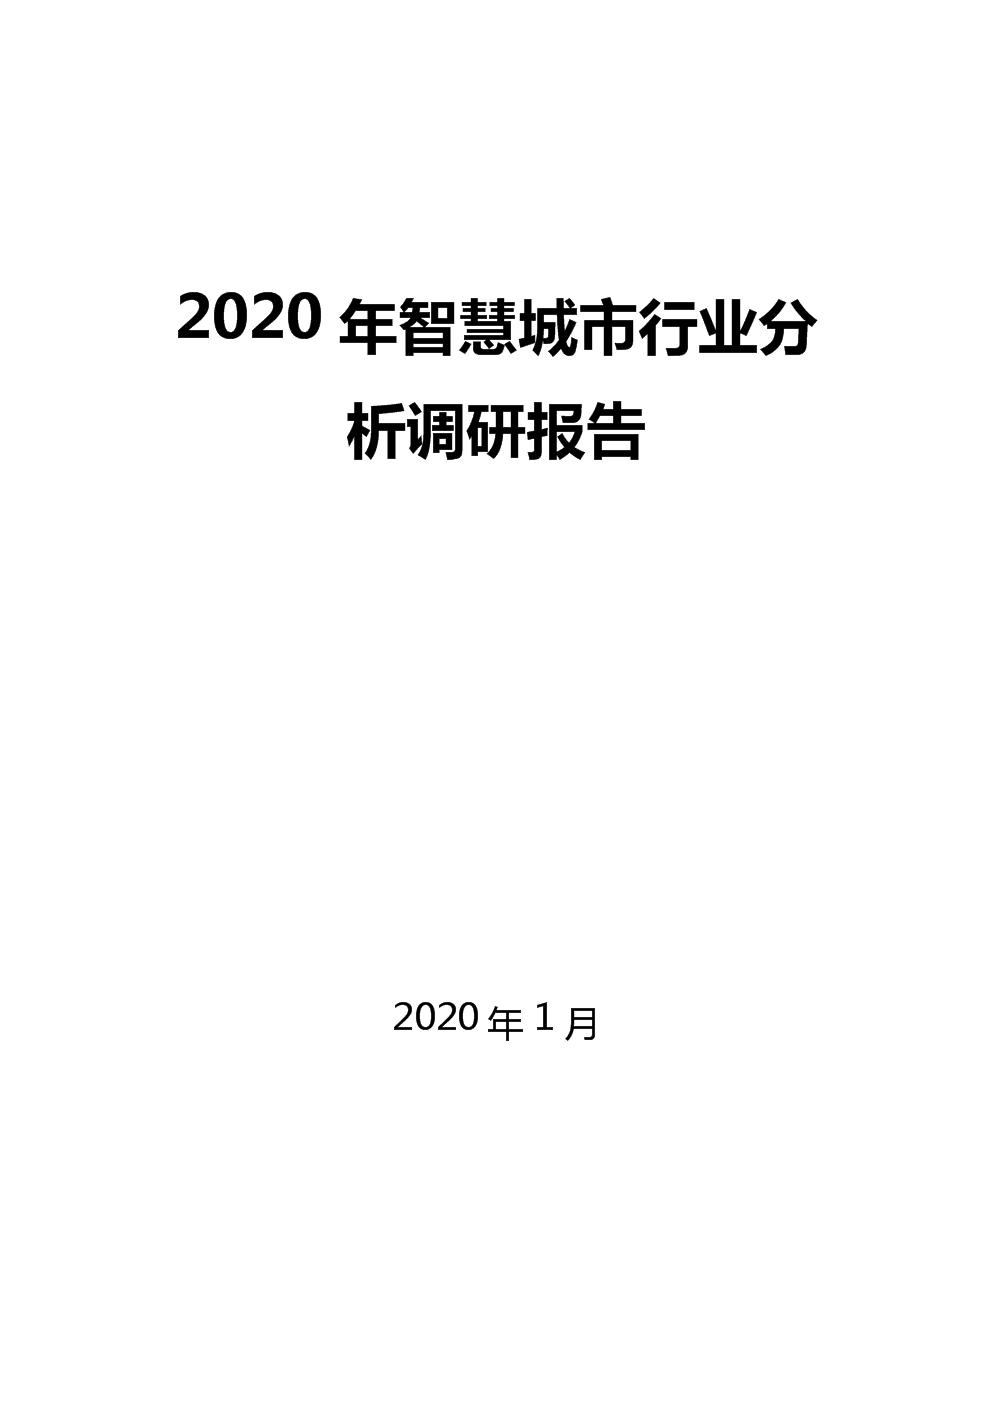 2020智慧城市行业分析报告.docx